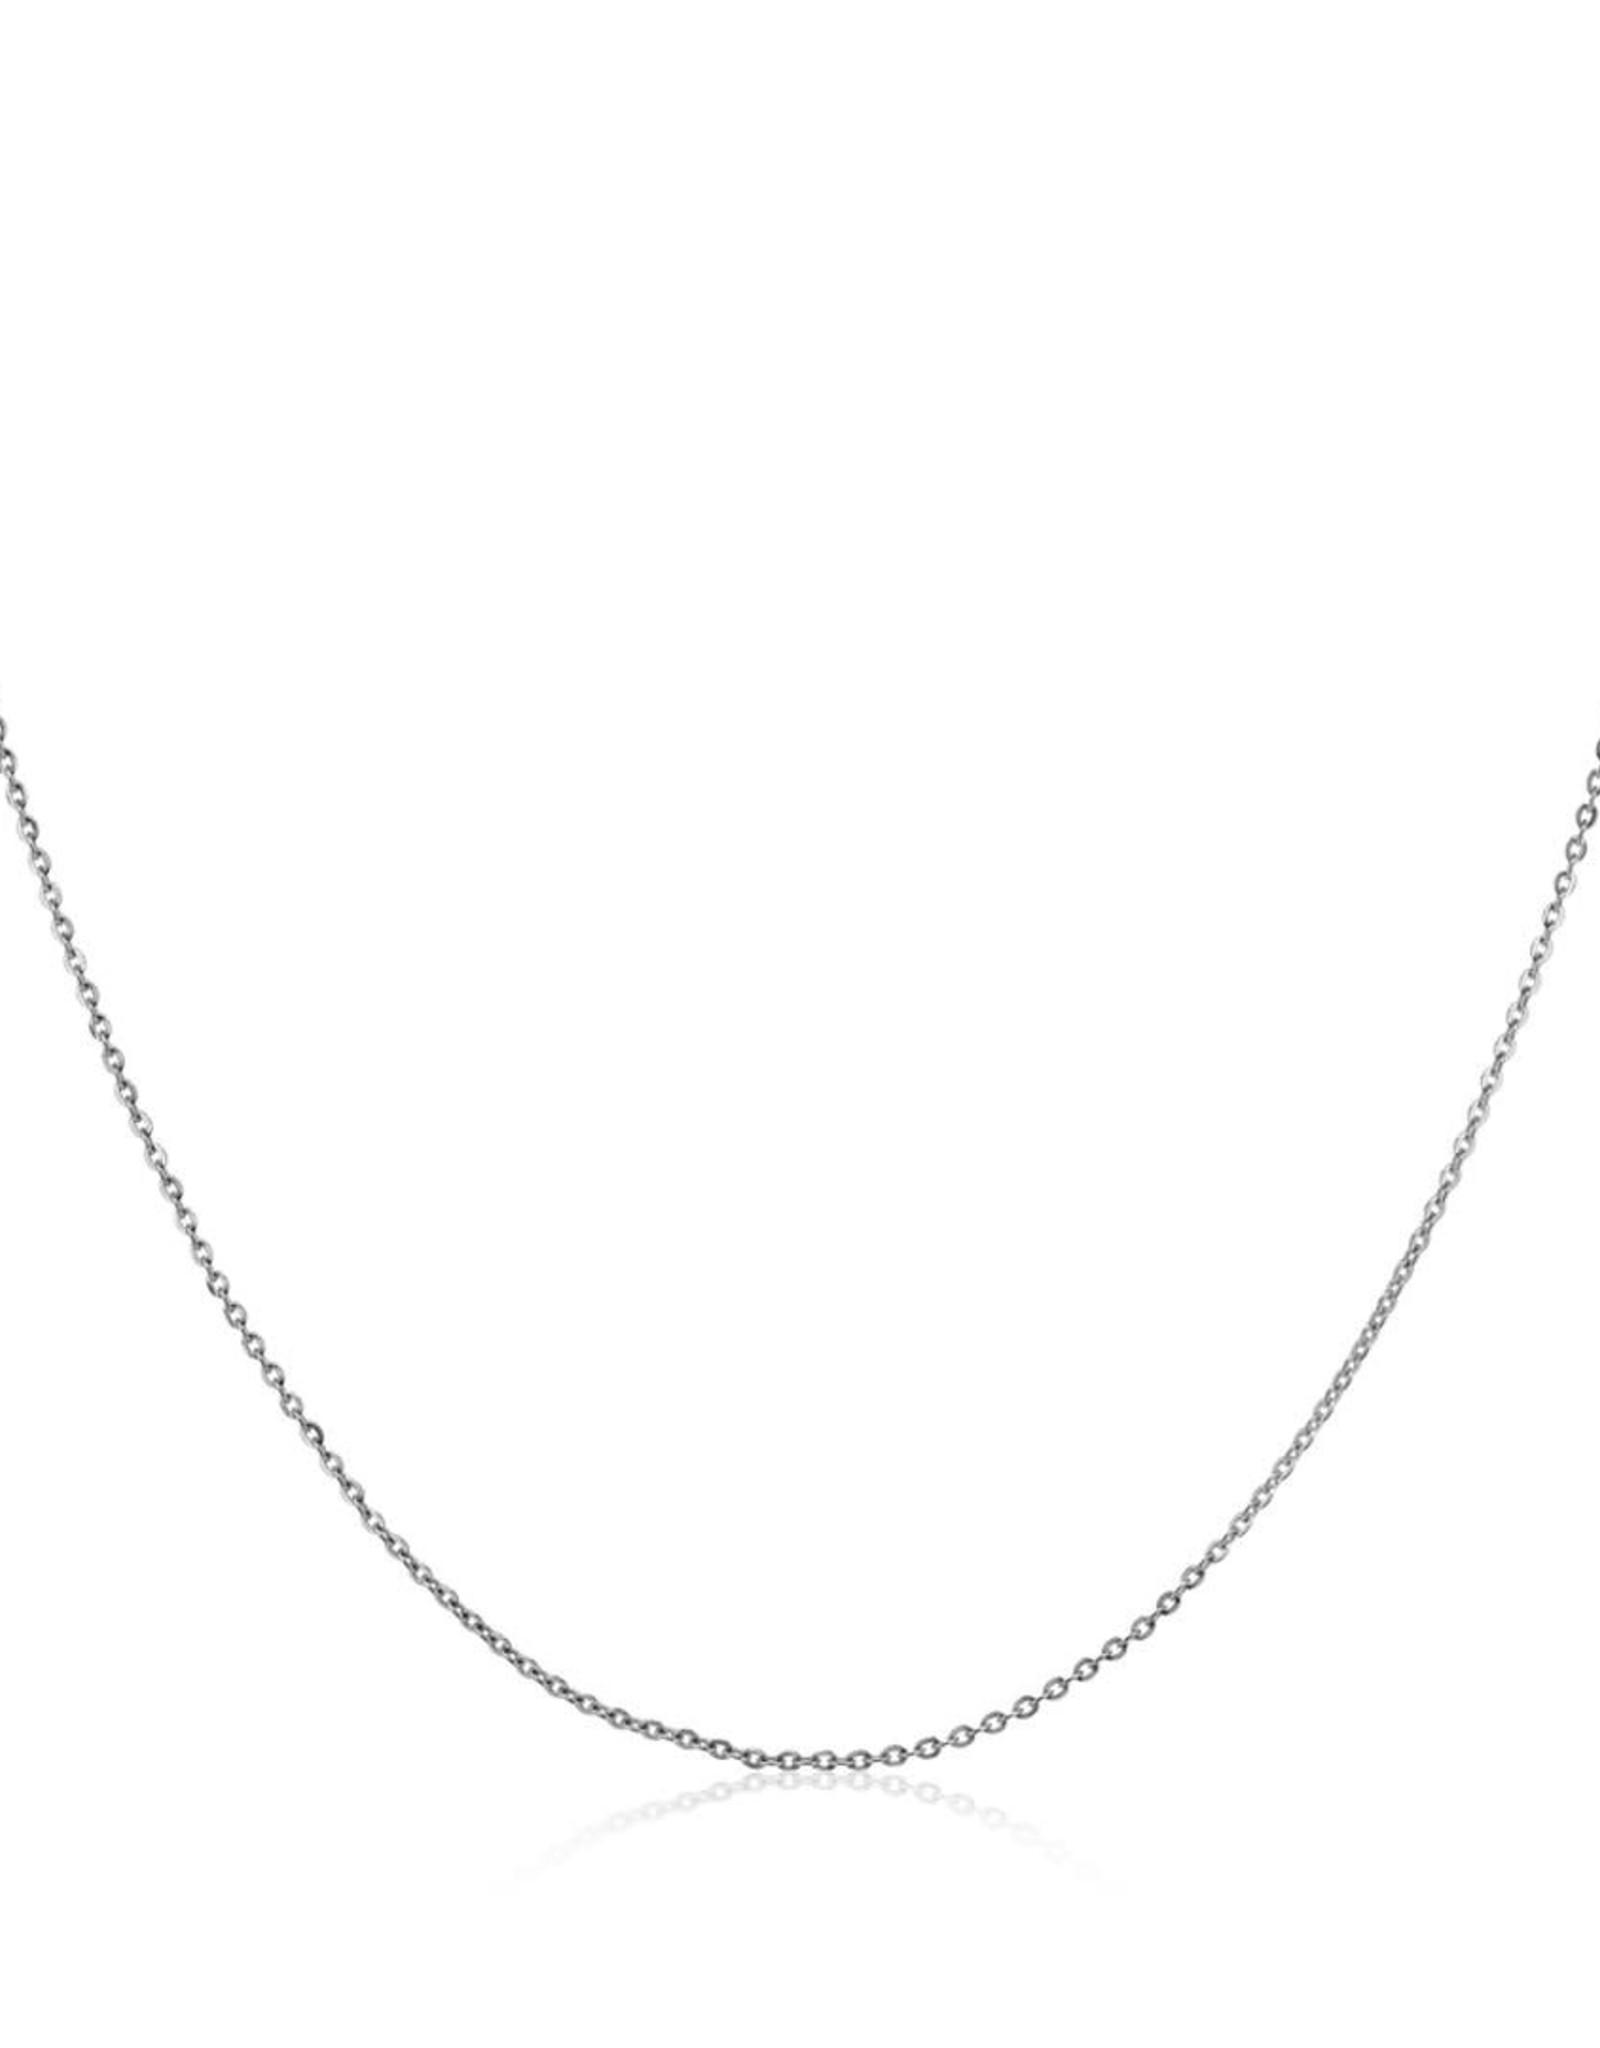 Fine Chain, Silver